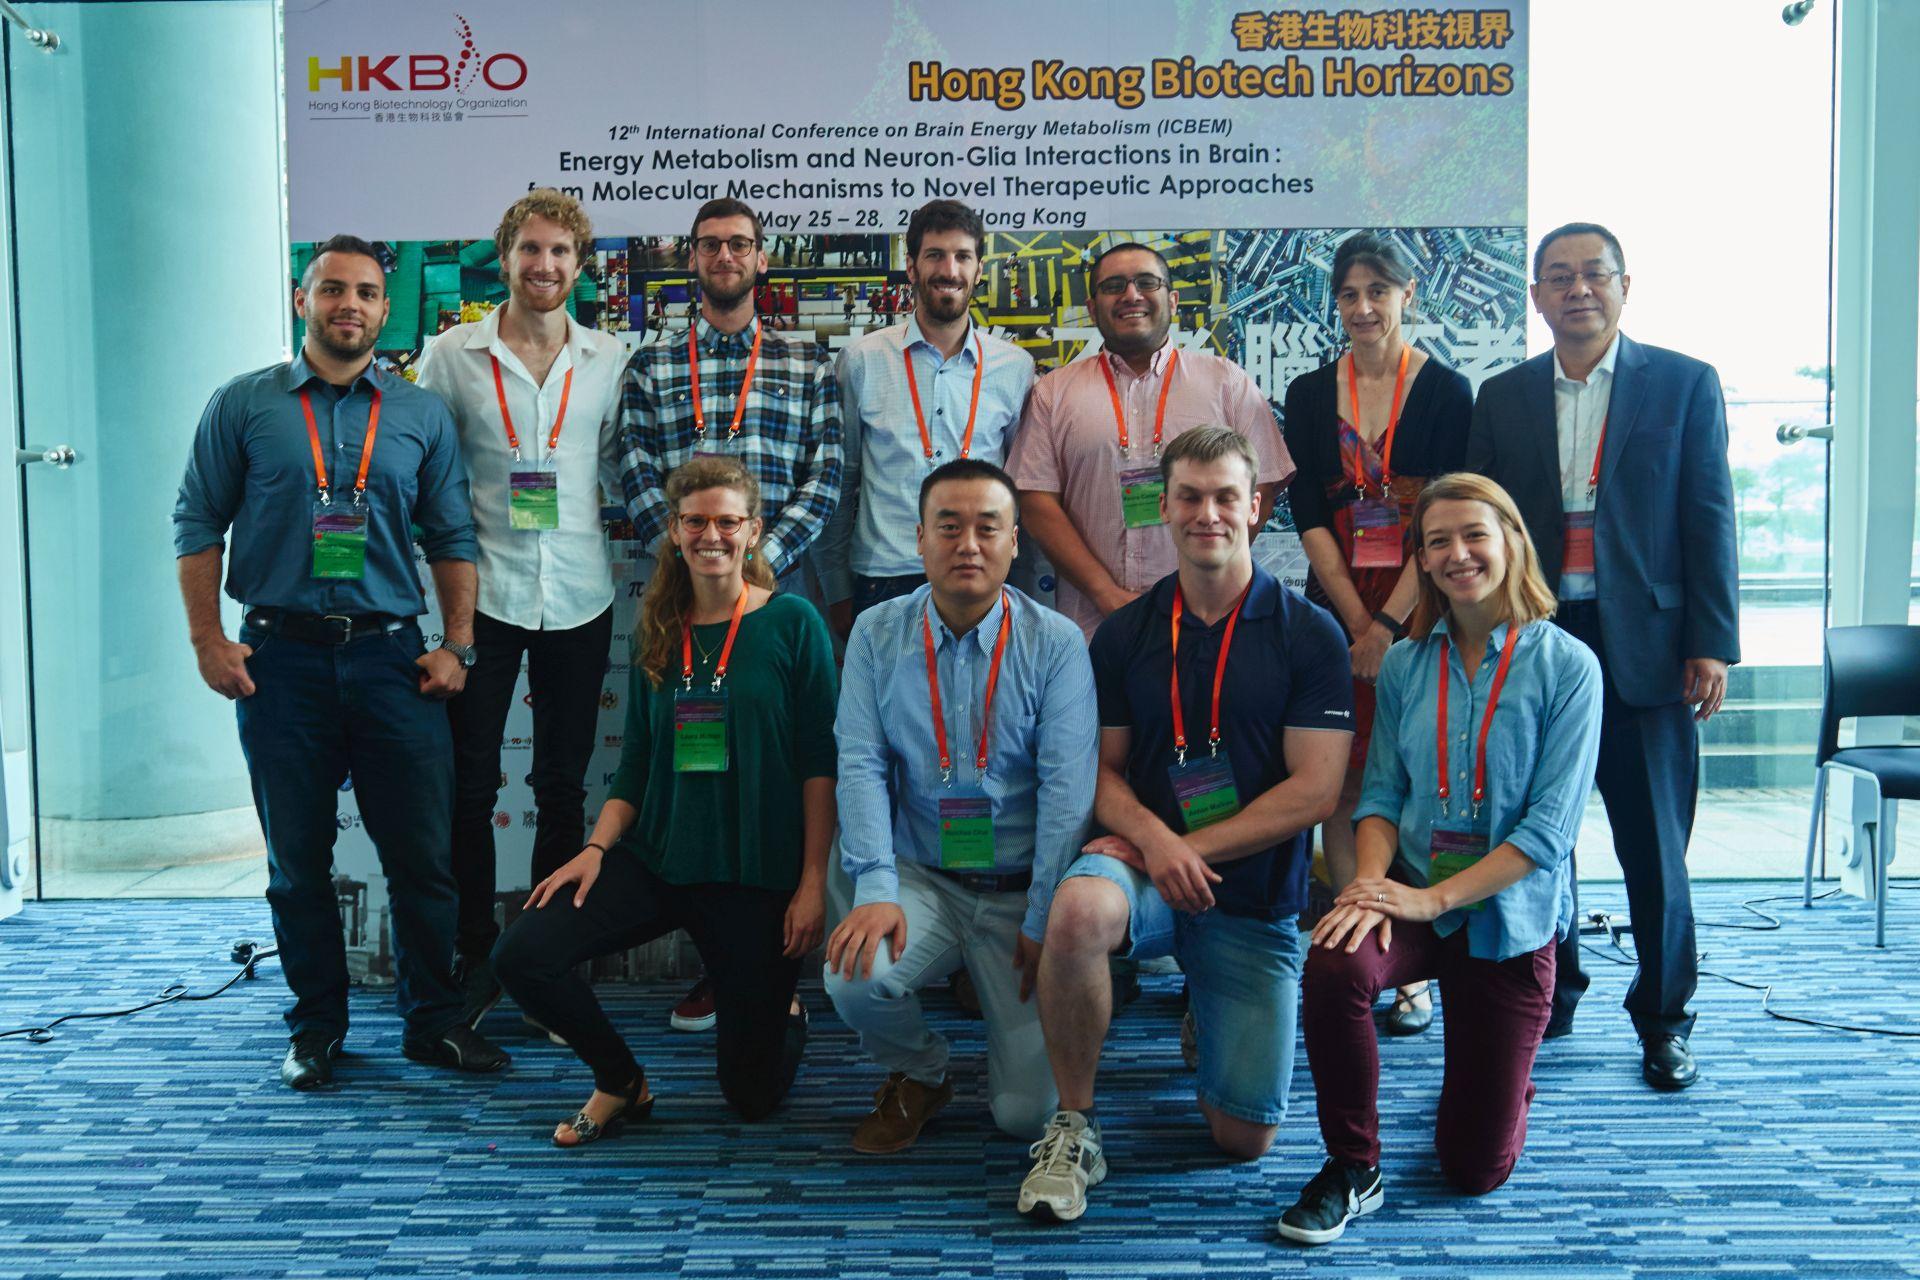 香港生物科技視界系列: 第12屆國際腦能量代謝大會